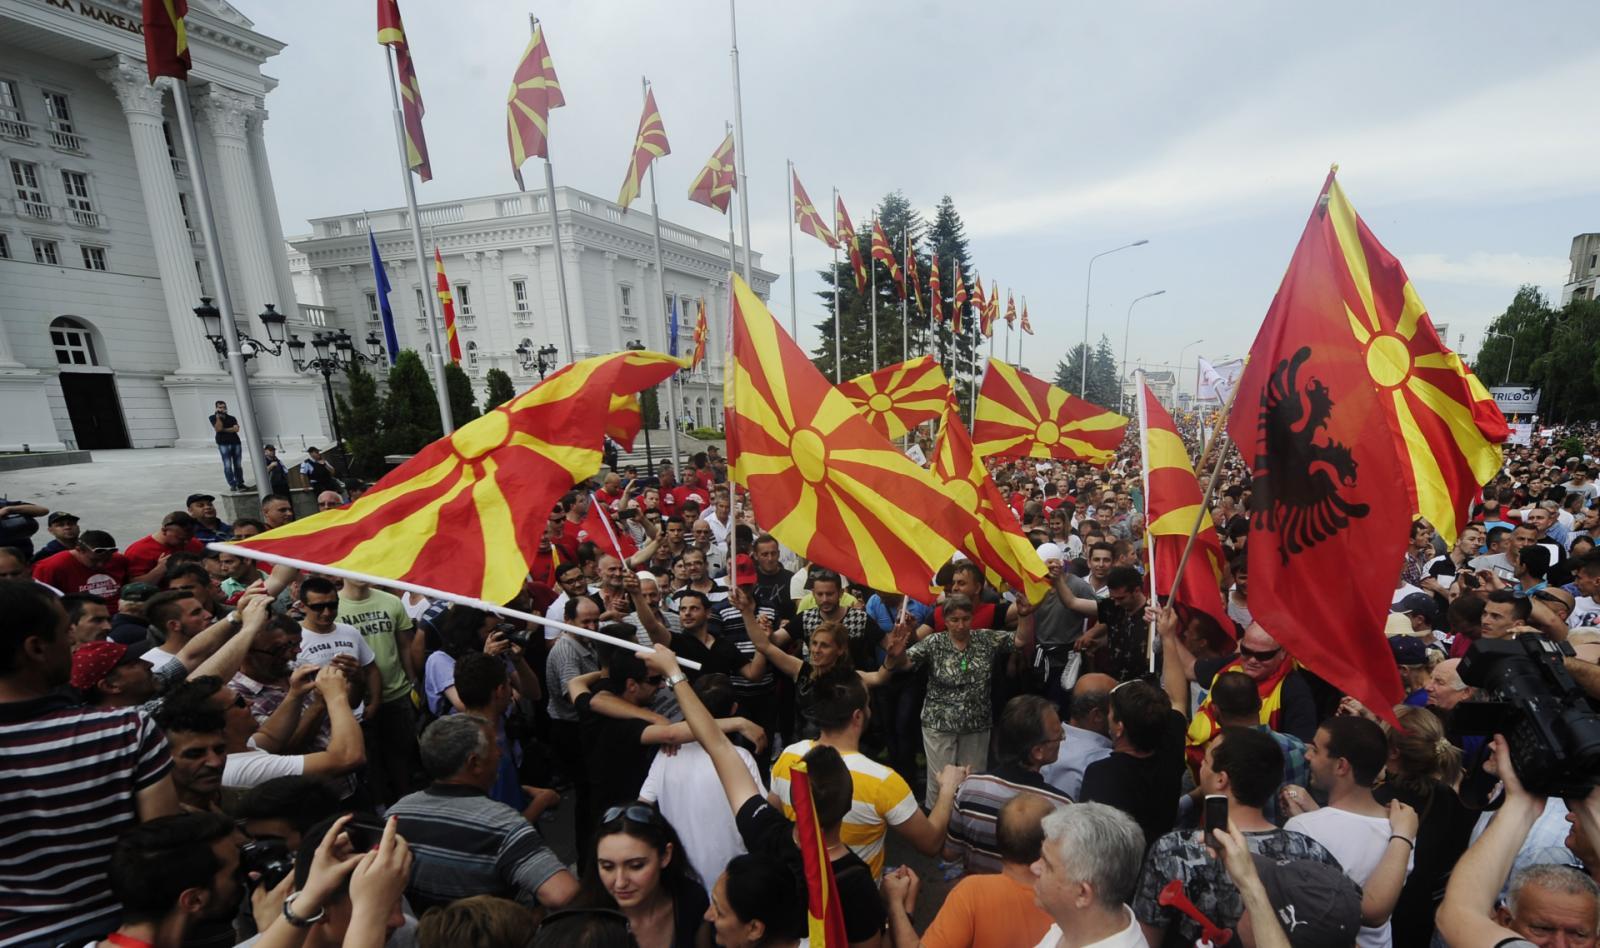 https://www.occrp.org/assets/29leaks/Macedonia-Protest.jpg